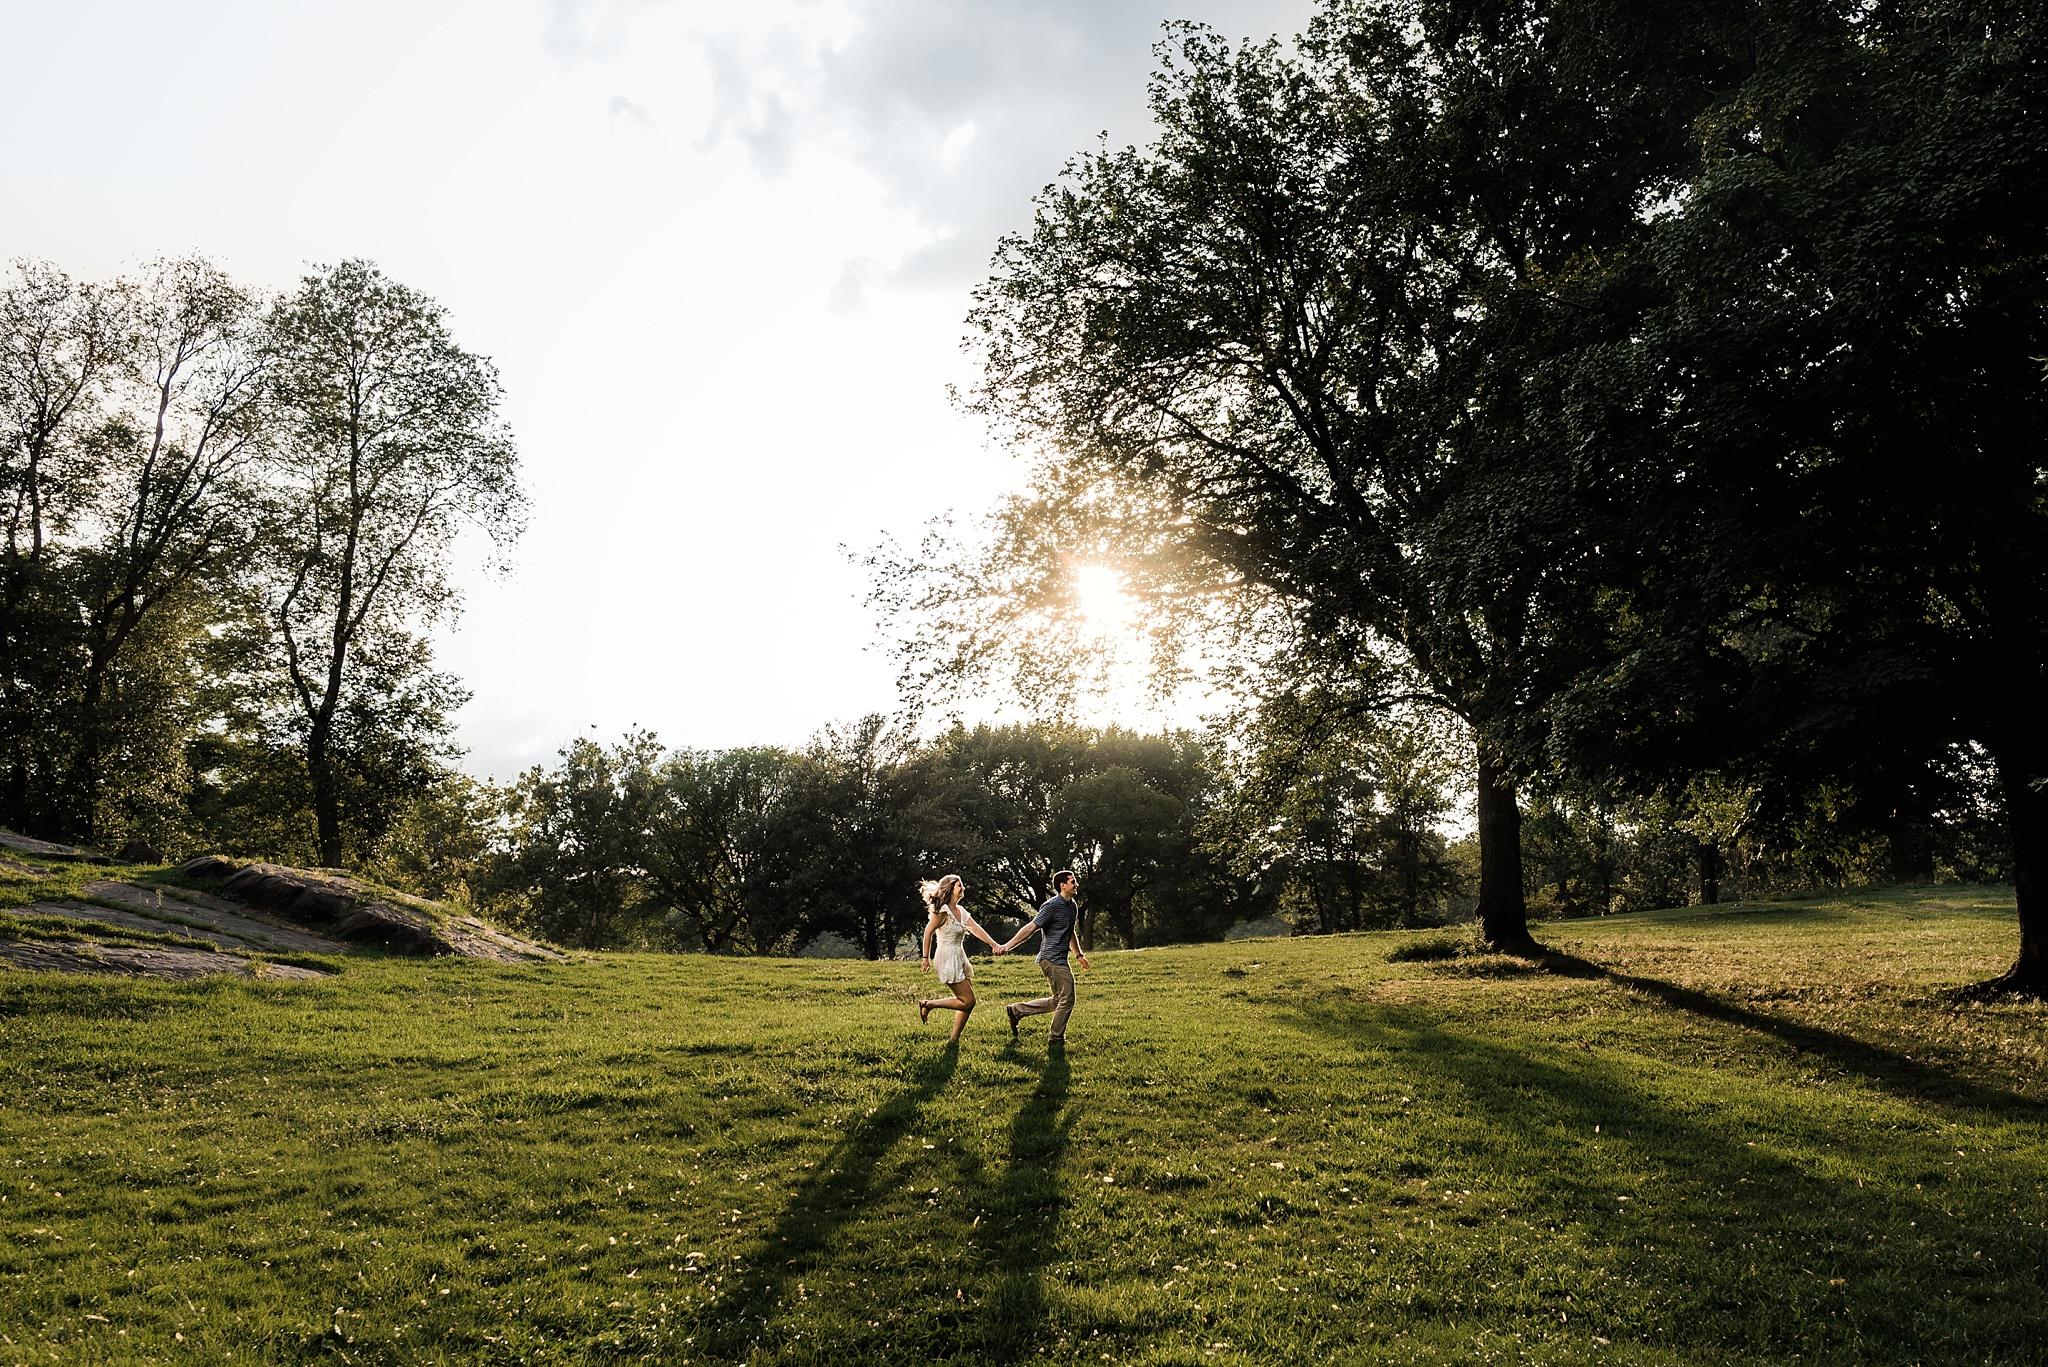 central park engagement photo